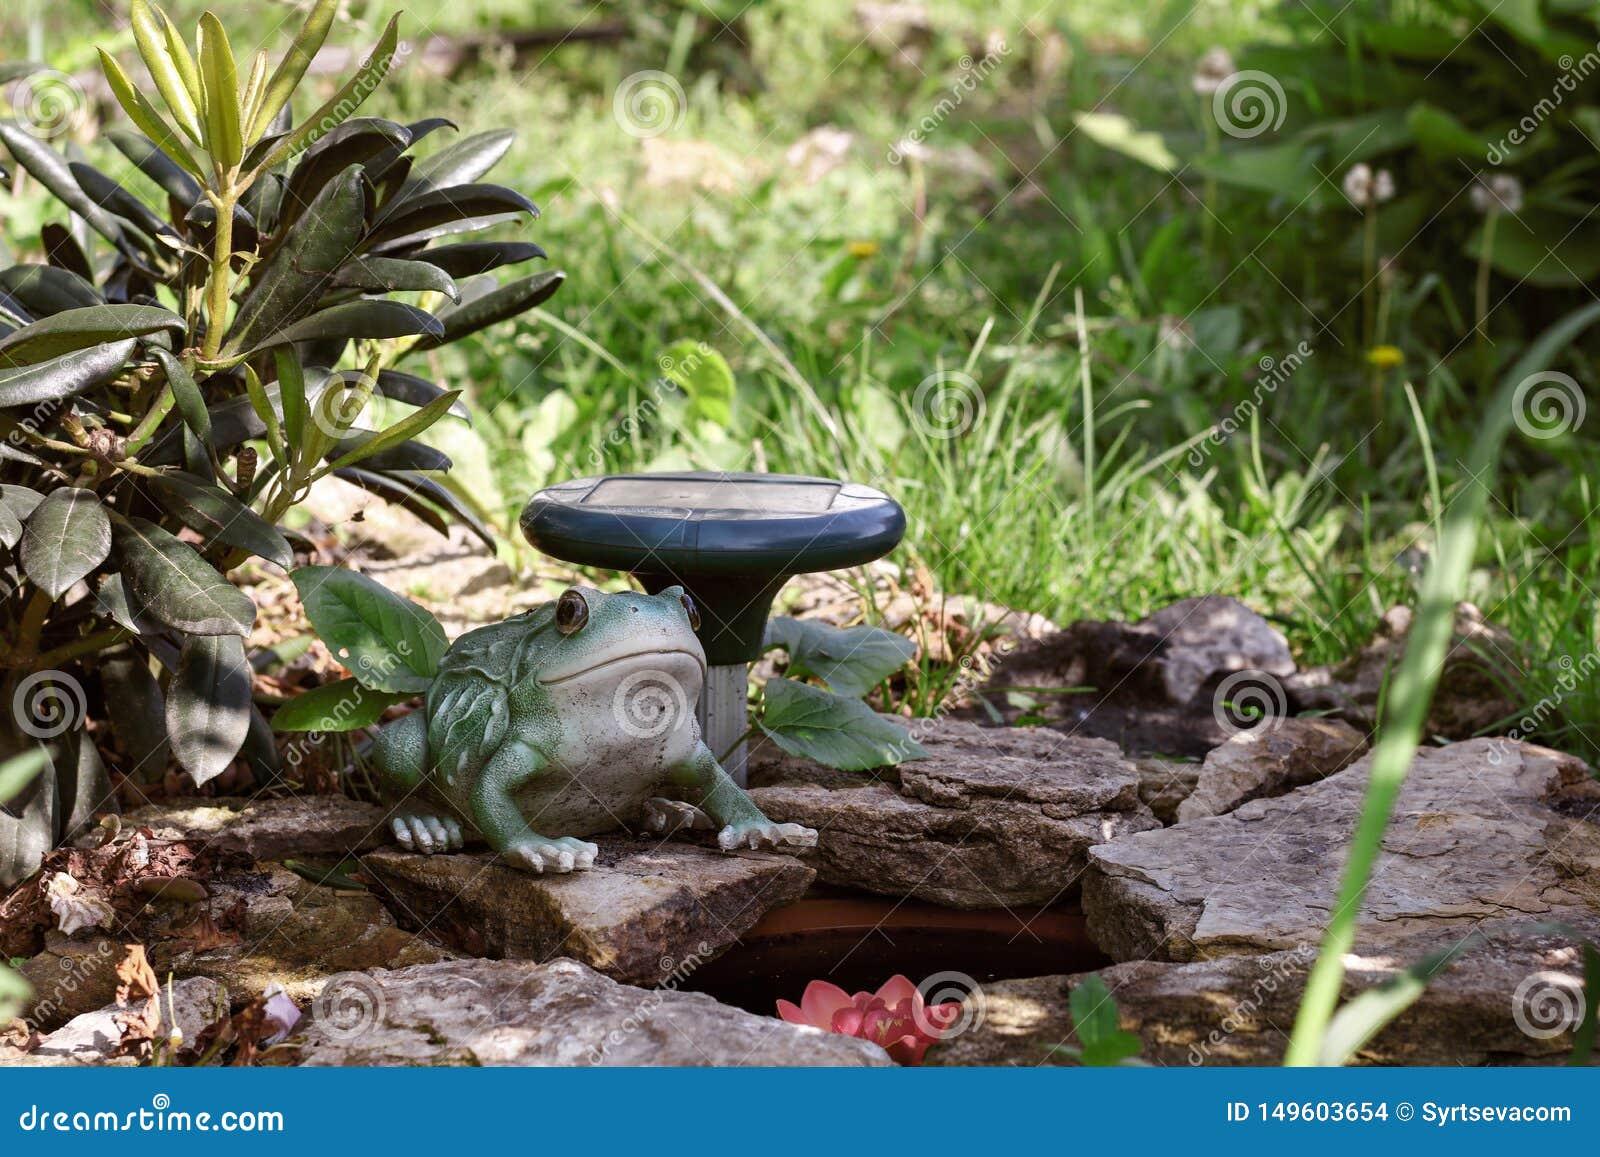 Εξωραϊσμός, βάτραχος κοντά σε μια μικρή λίμνη με τις πέτρες στο υπόβαθρο των εγκαταστάσεων στον κήπο